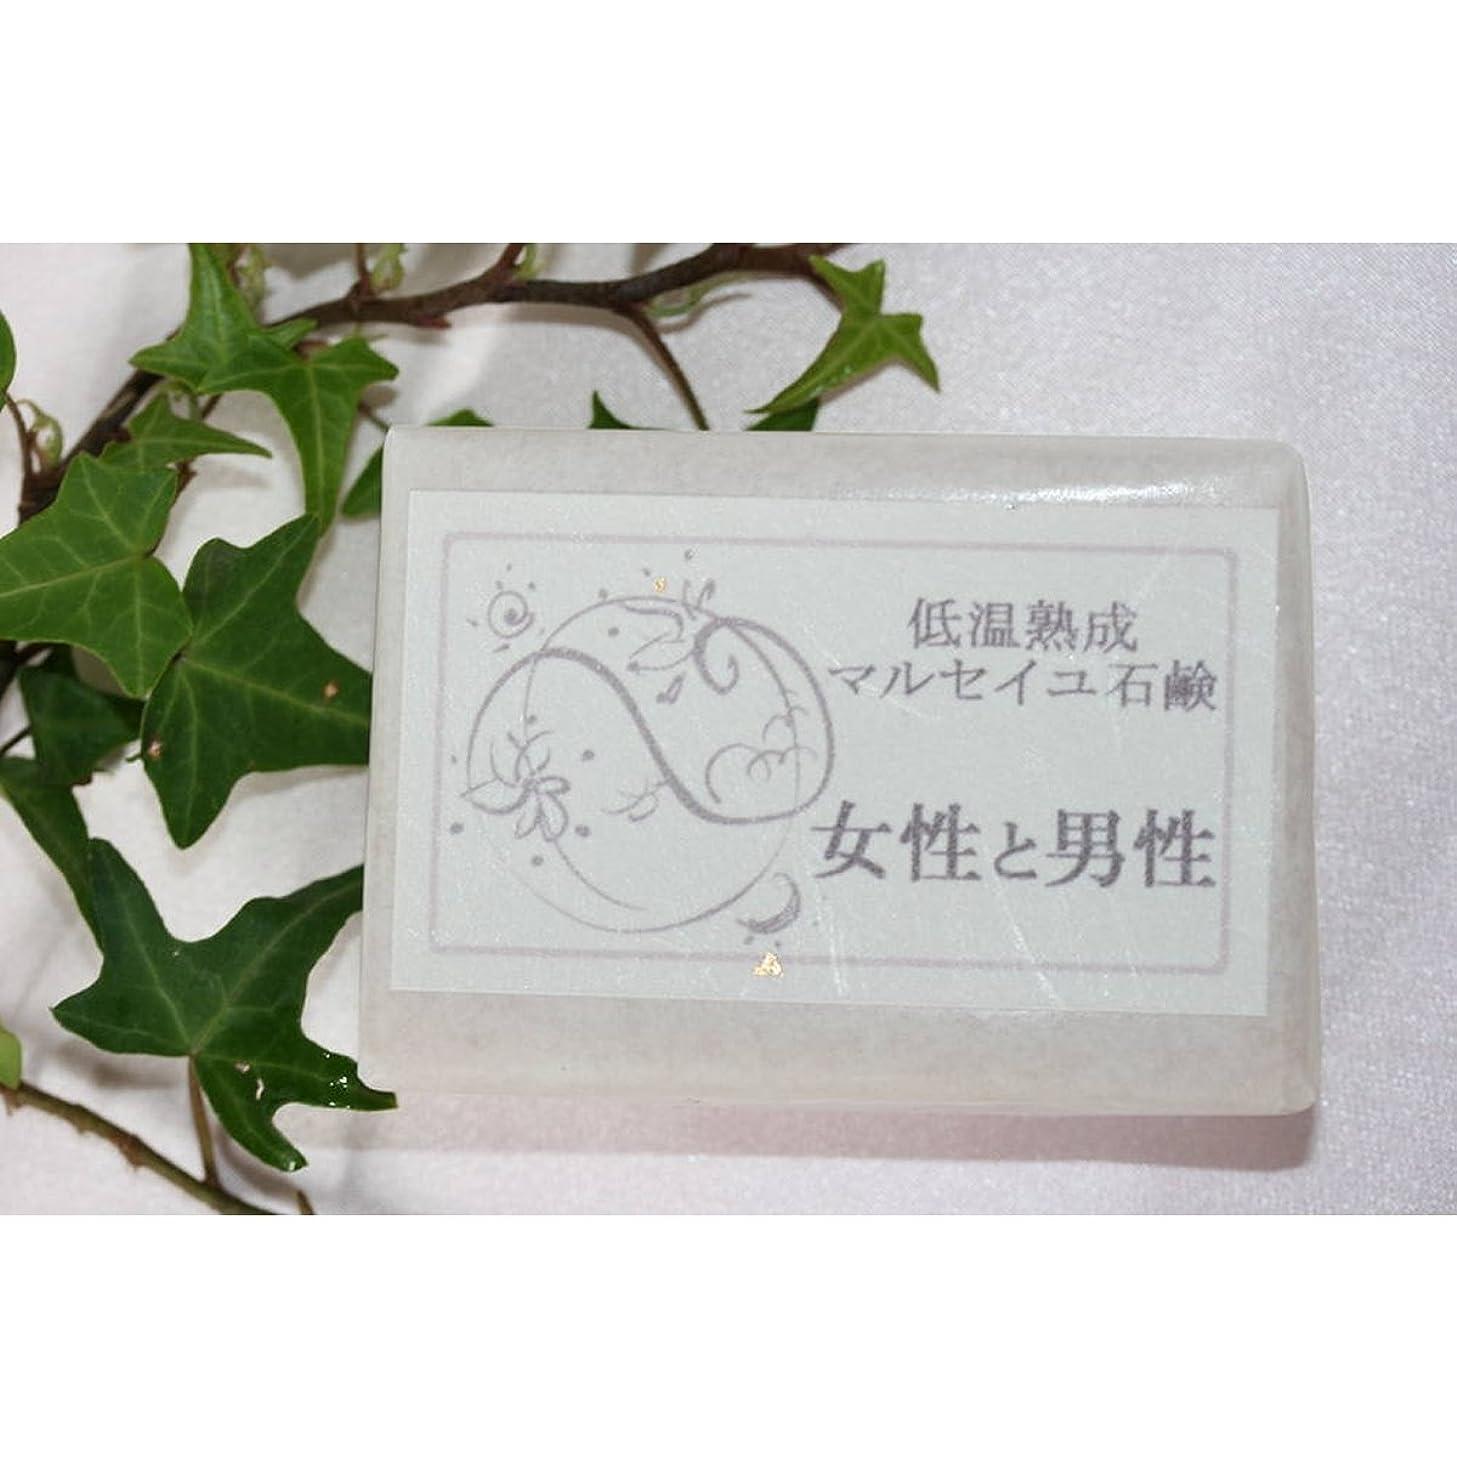 ユーモア理容室研磨剤マウントフジ フラワーエッセンス 低温熟成 マルセイユ石鹸 「女性と男性」 (MTFUJI FLOWER ESSENCES)